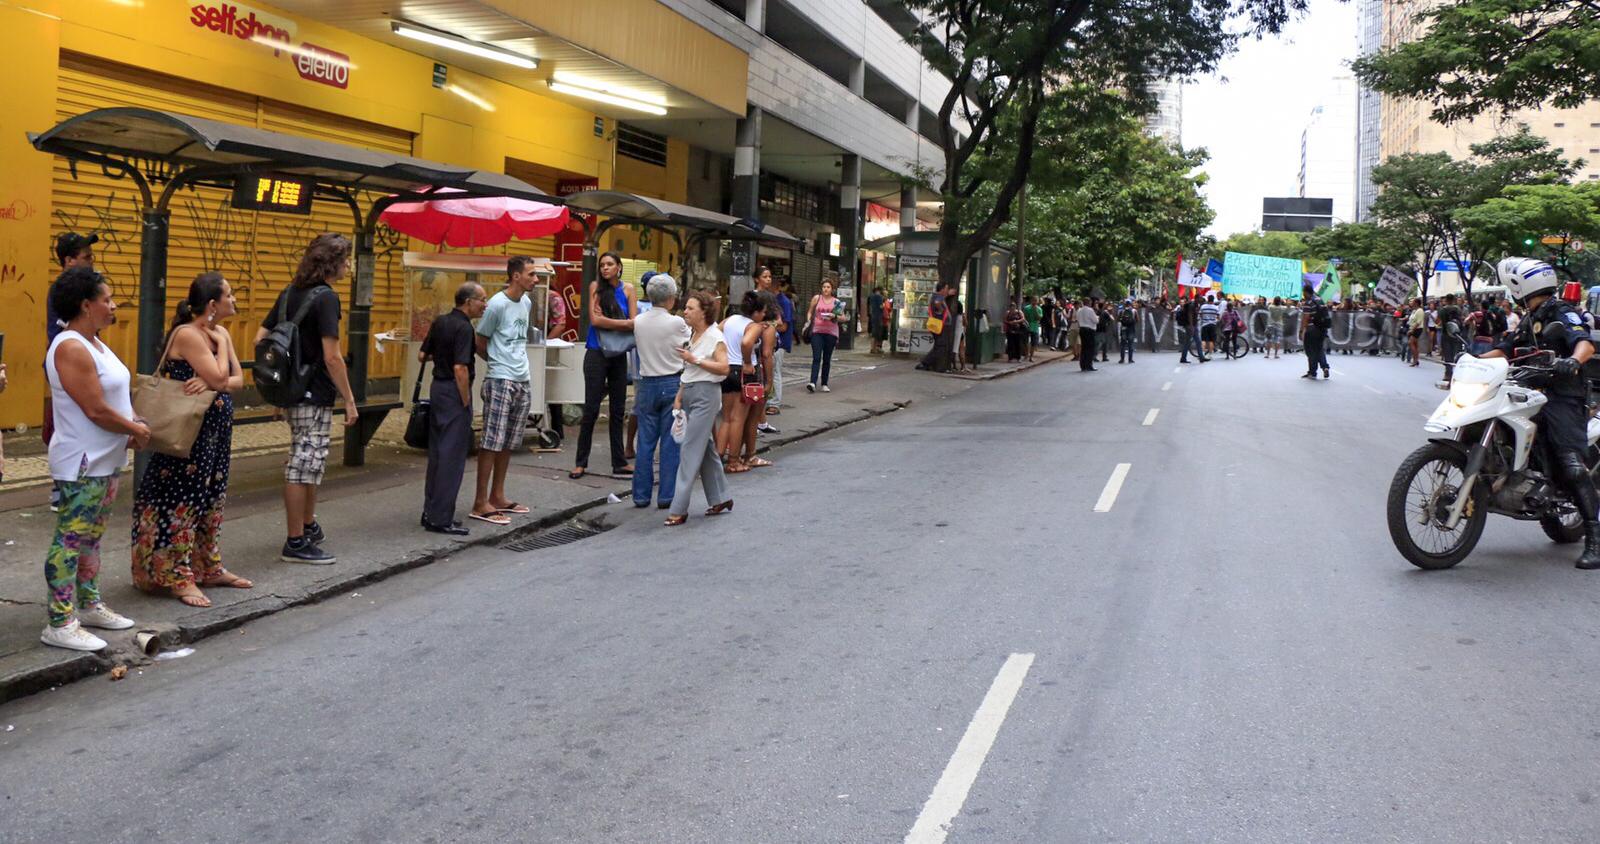 O povo estava no ponto de ônibus assistindo o protesto contra o aumento da passagem